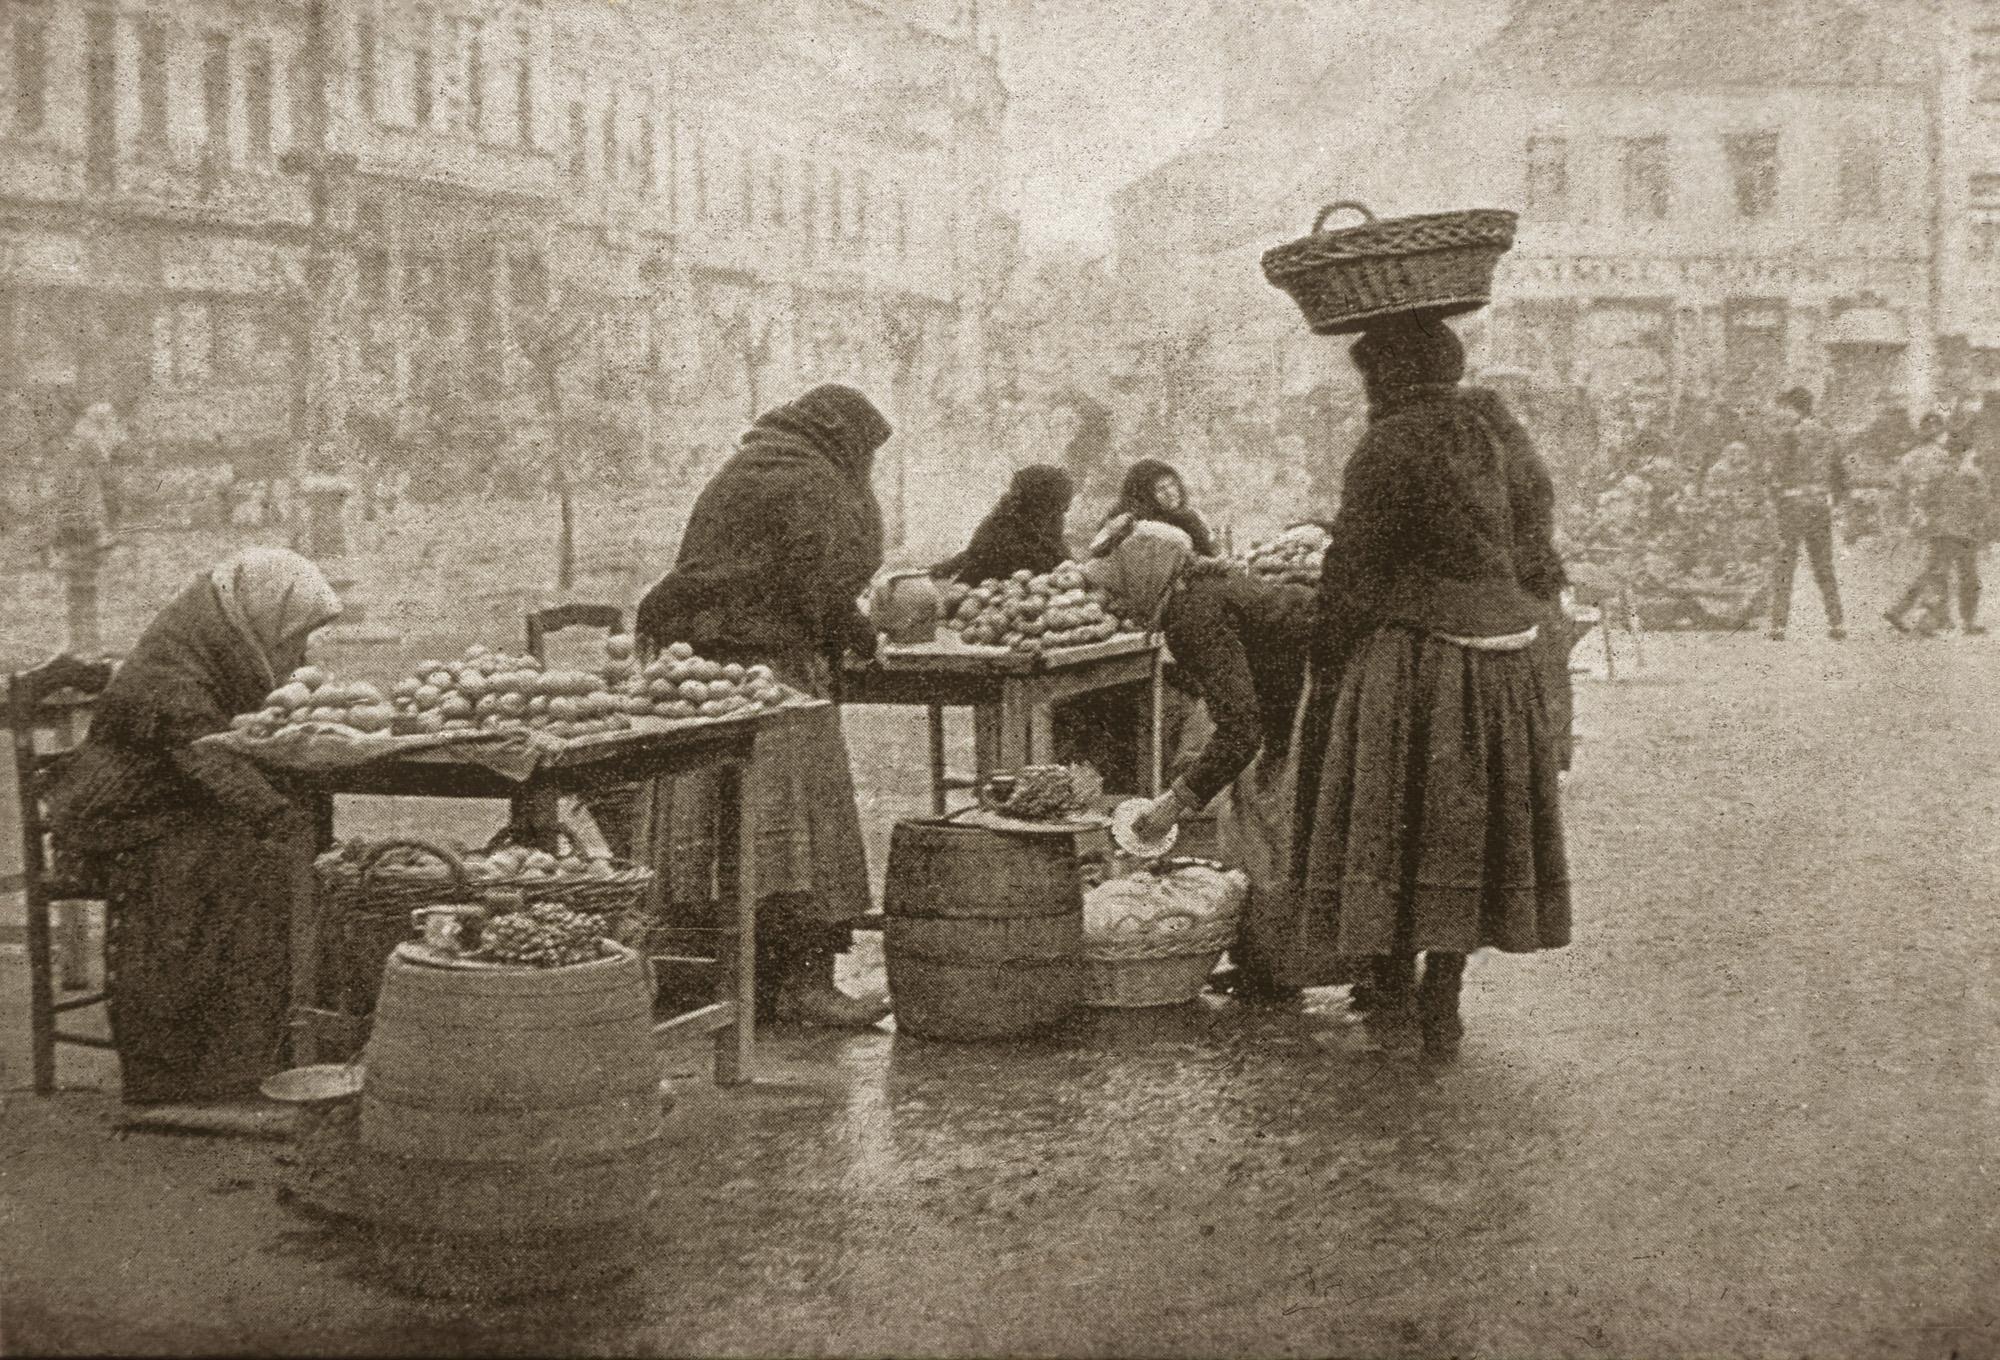 Fotó: Faix Jacques: Piaci jelenet, 1911 © Magyar Fotográfiai Múzeum